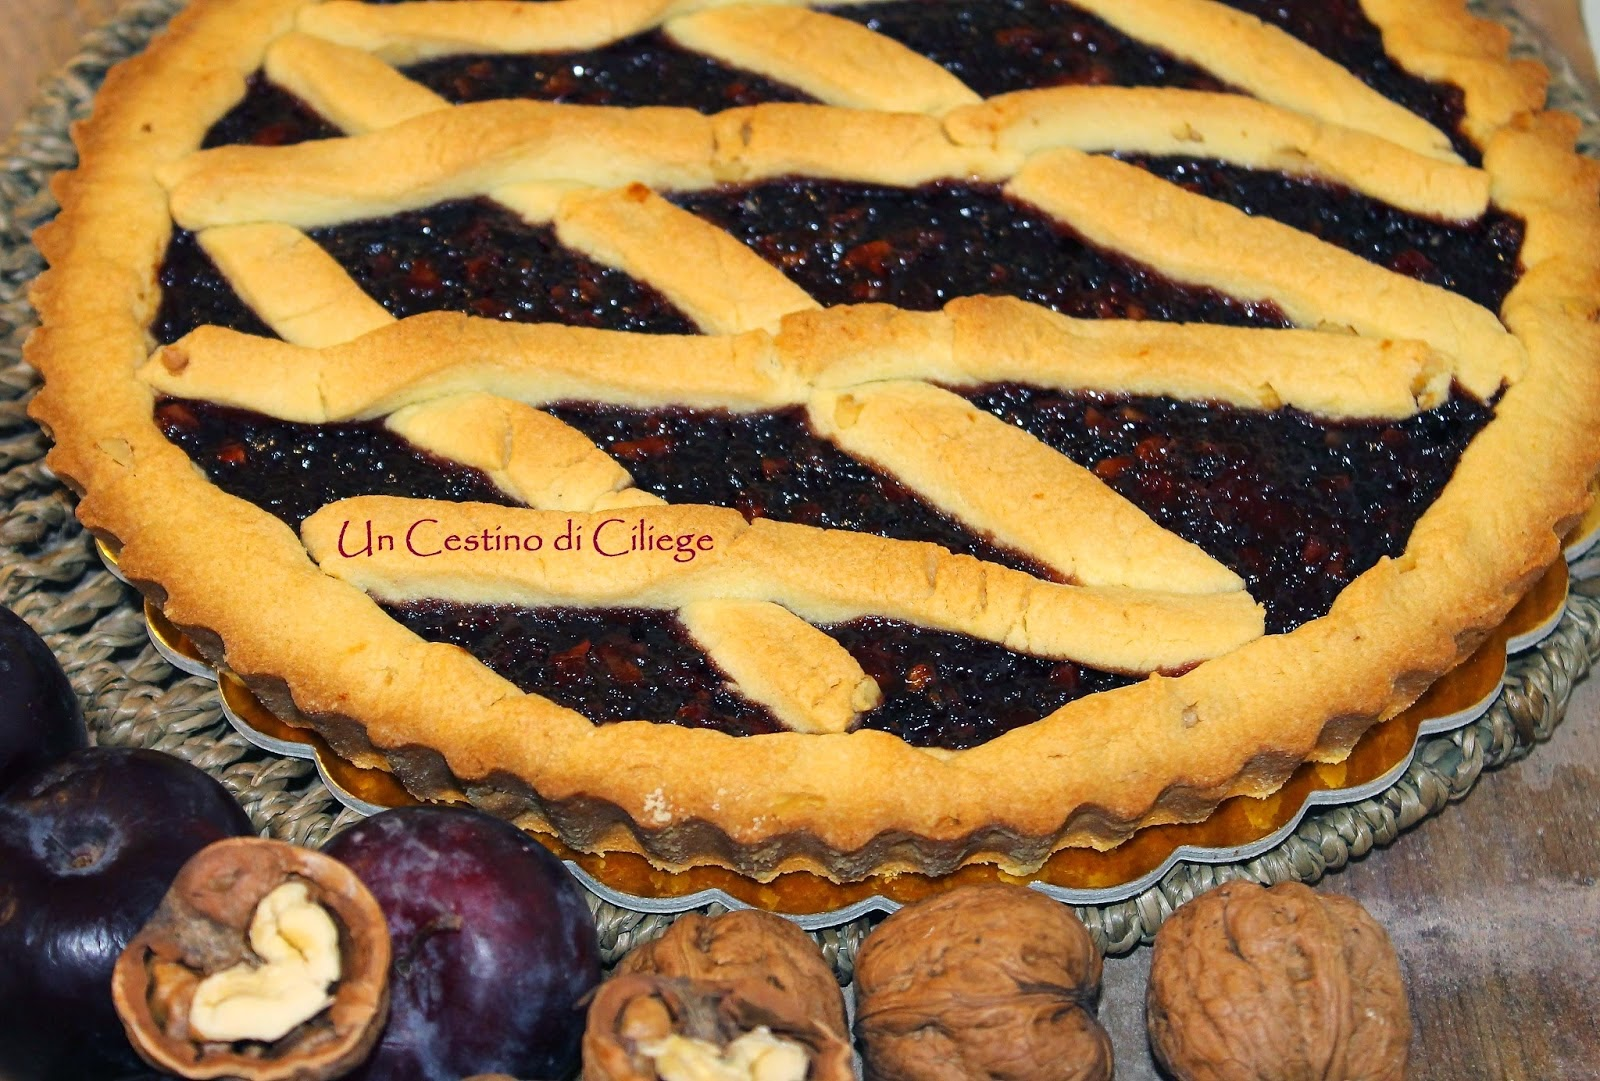 http://uncestinodiciliege.blogspot.it/2014/11/crostata-di-noci-con-confettura-di.html